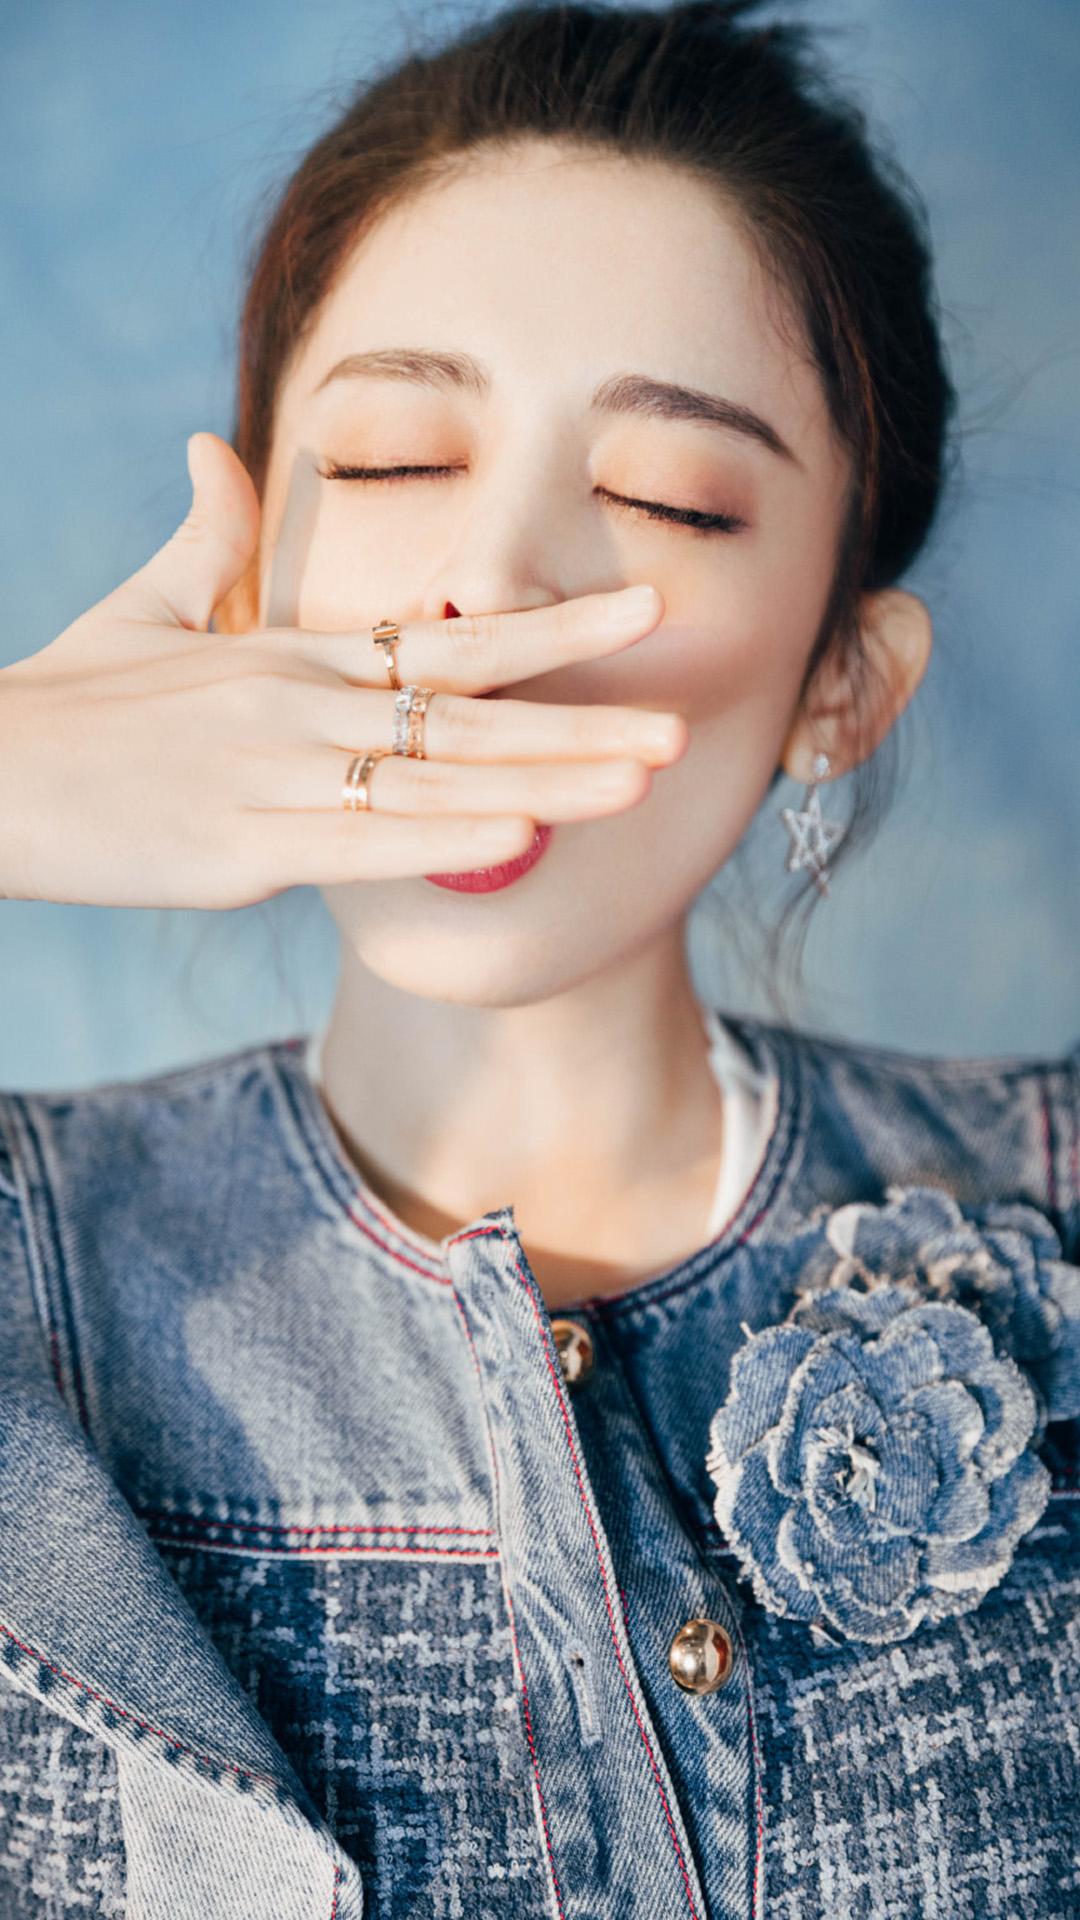 古力娜扎丸子头甜美俏皮笑容写真壁纸